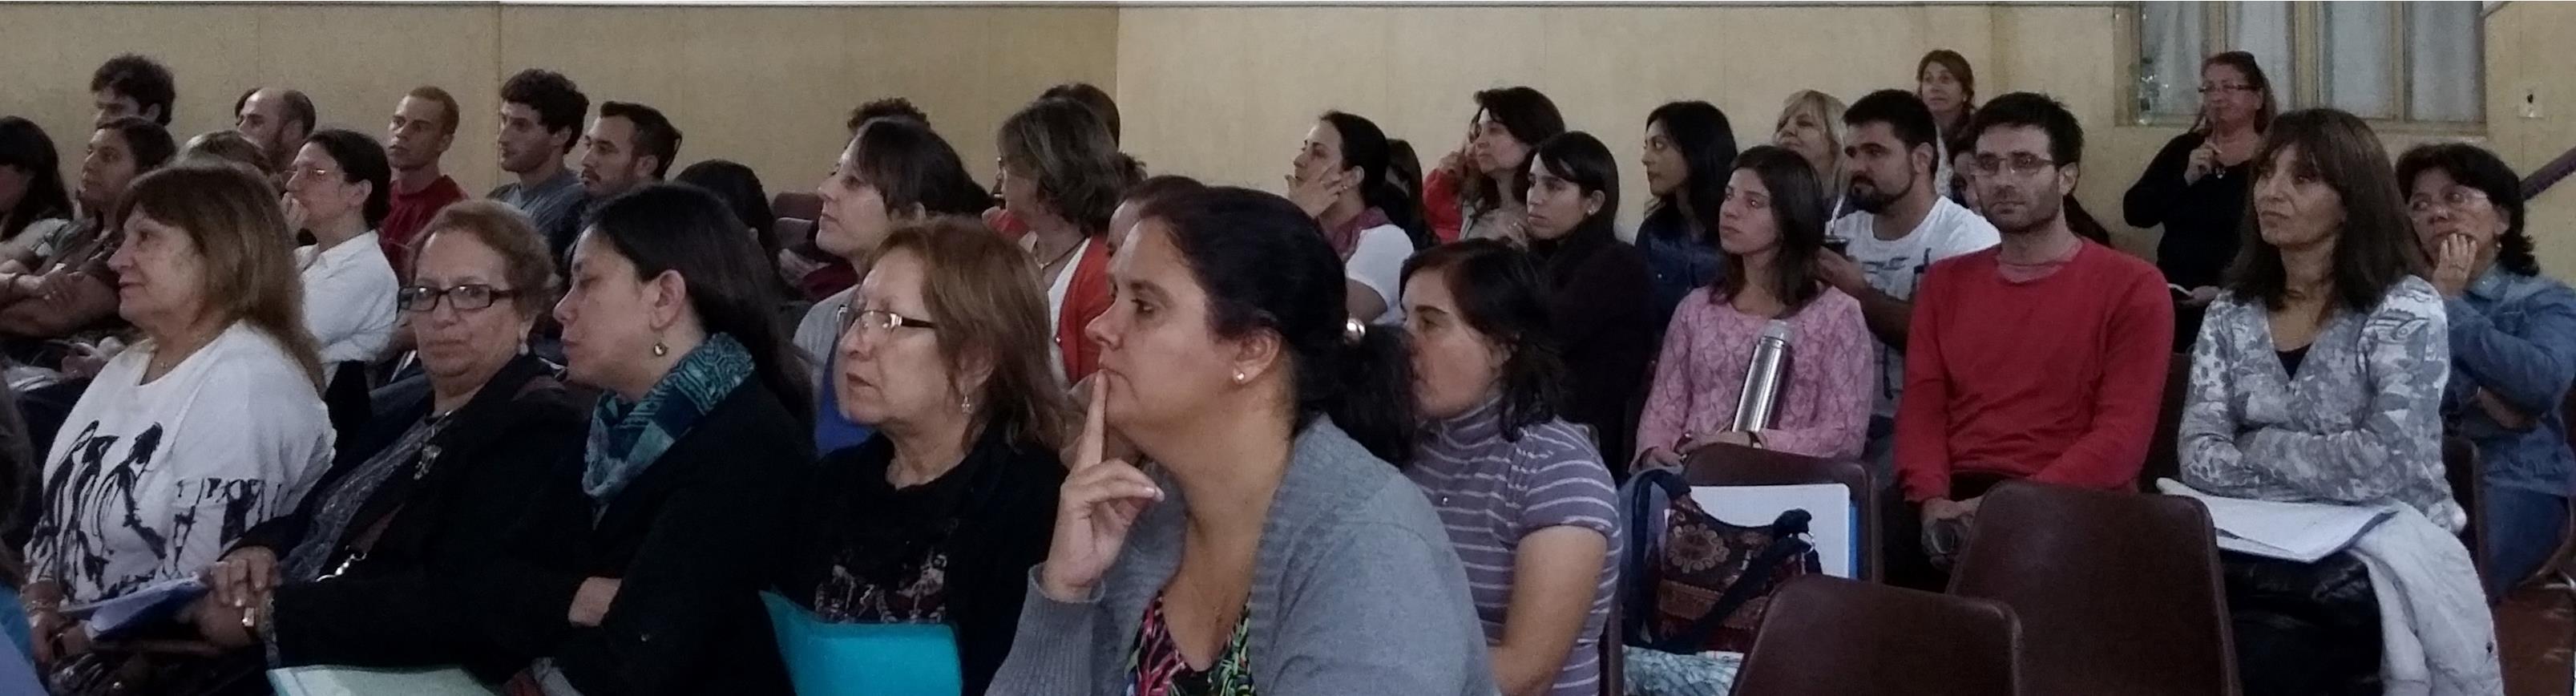 ENCUENTRO DOCENTES DEL URUGUAY, COLEGIO CLARA JAKSON DE HEBER